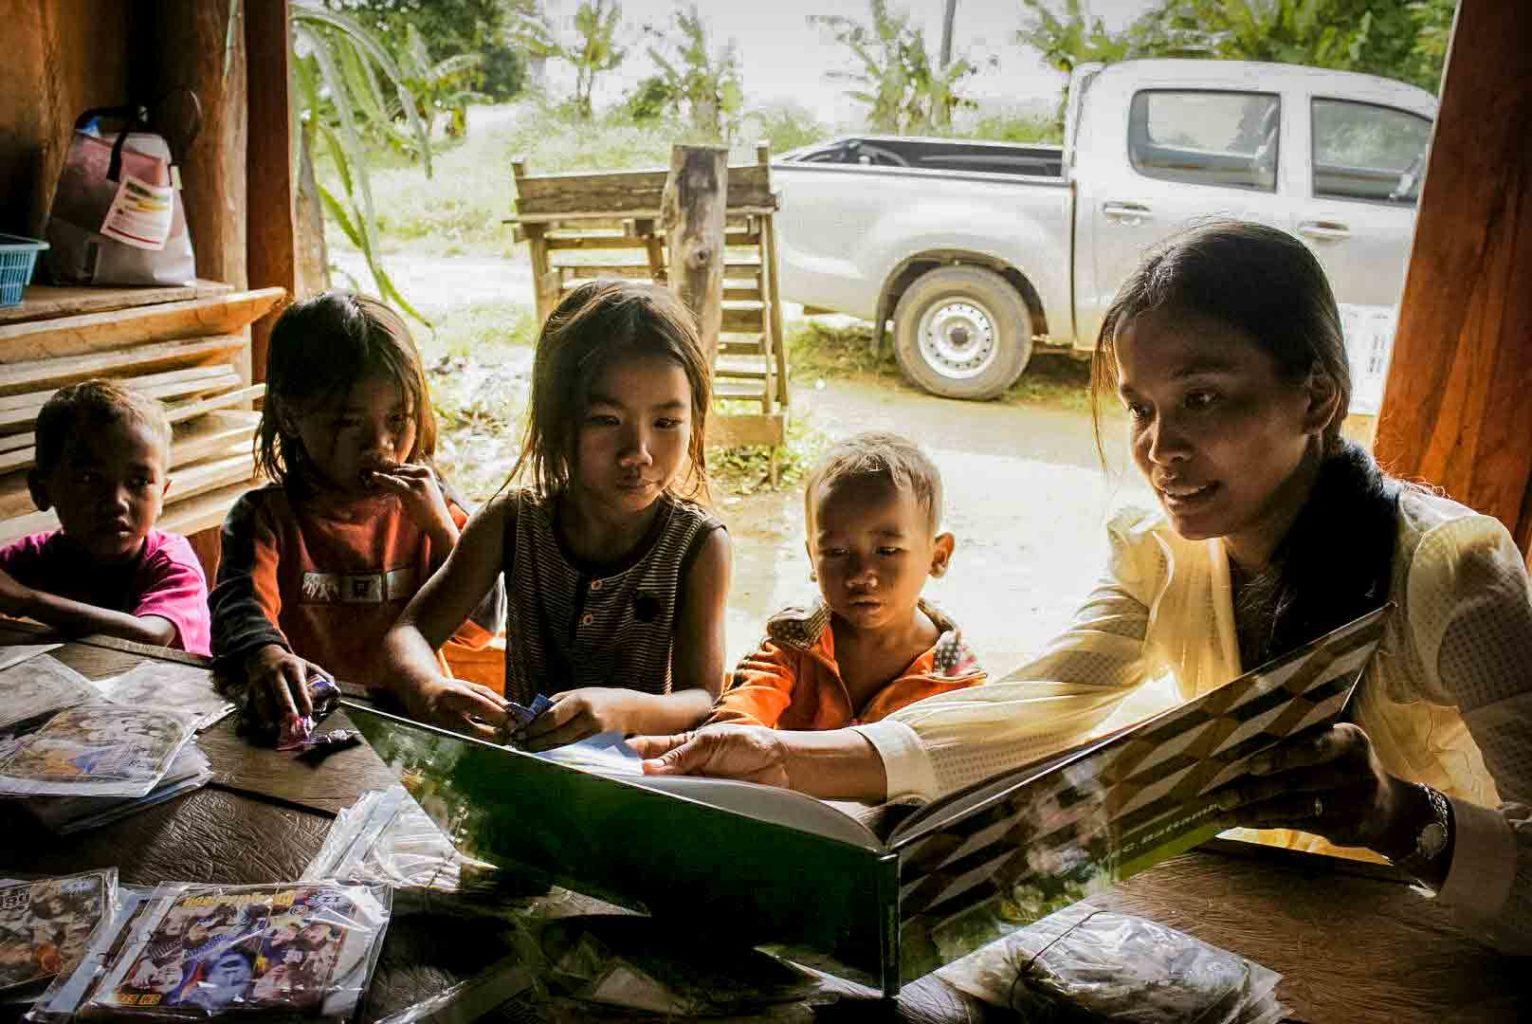 Theavy Bun lors d'un sauvetage de quatre enfants en situation de maltraitance grave dans un village à la frontière avec la Thaïlande.